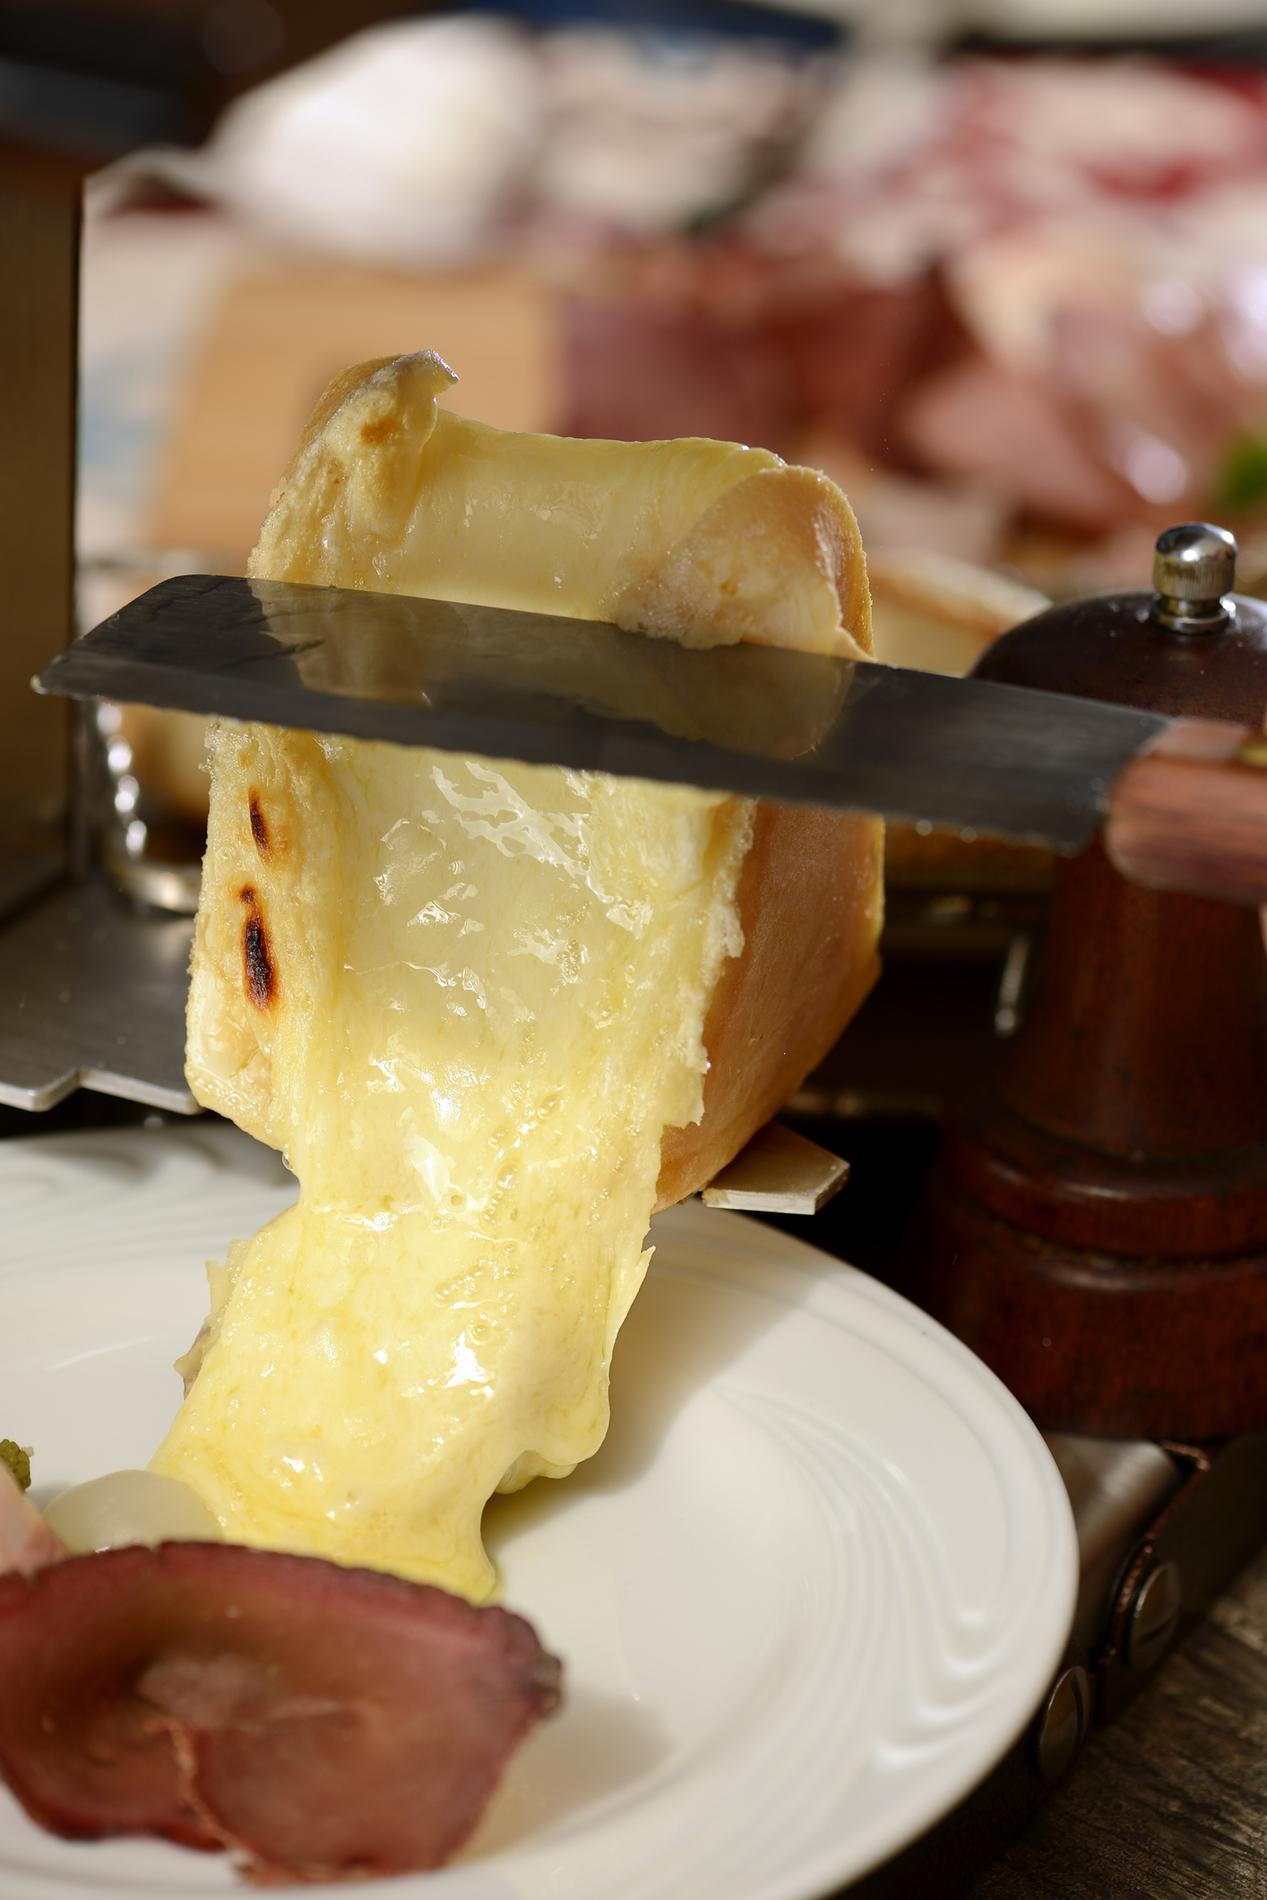 les secrets d une raclette parfaite cuisine madame figaro. Black Bedroom Furniture Sets. Home Design Ideas